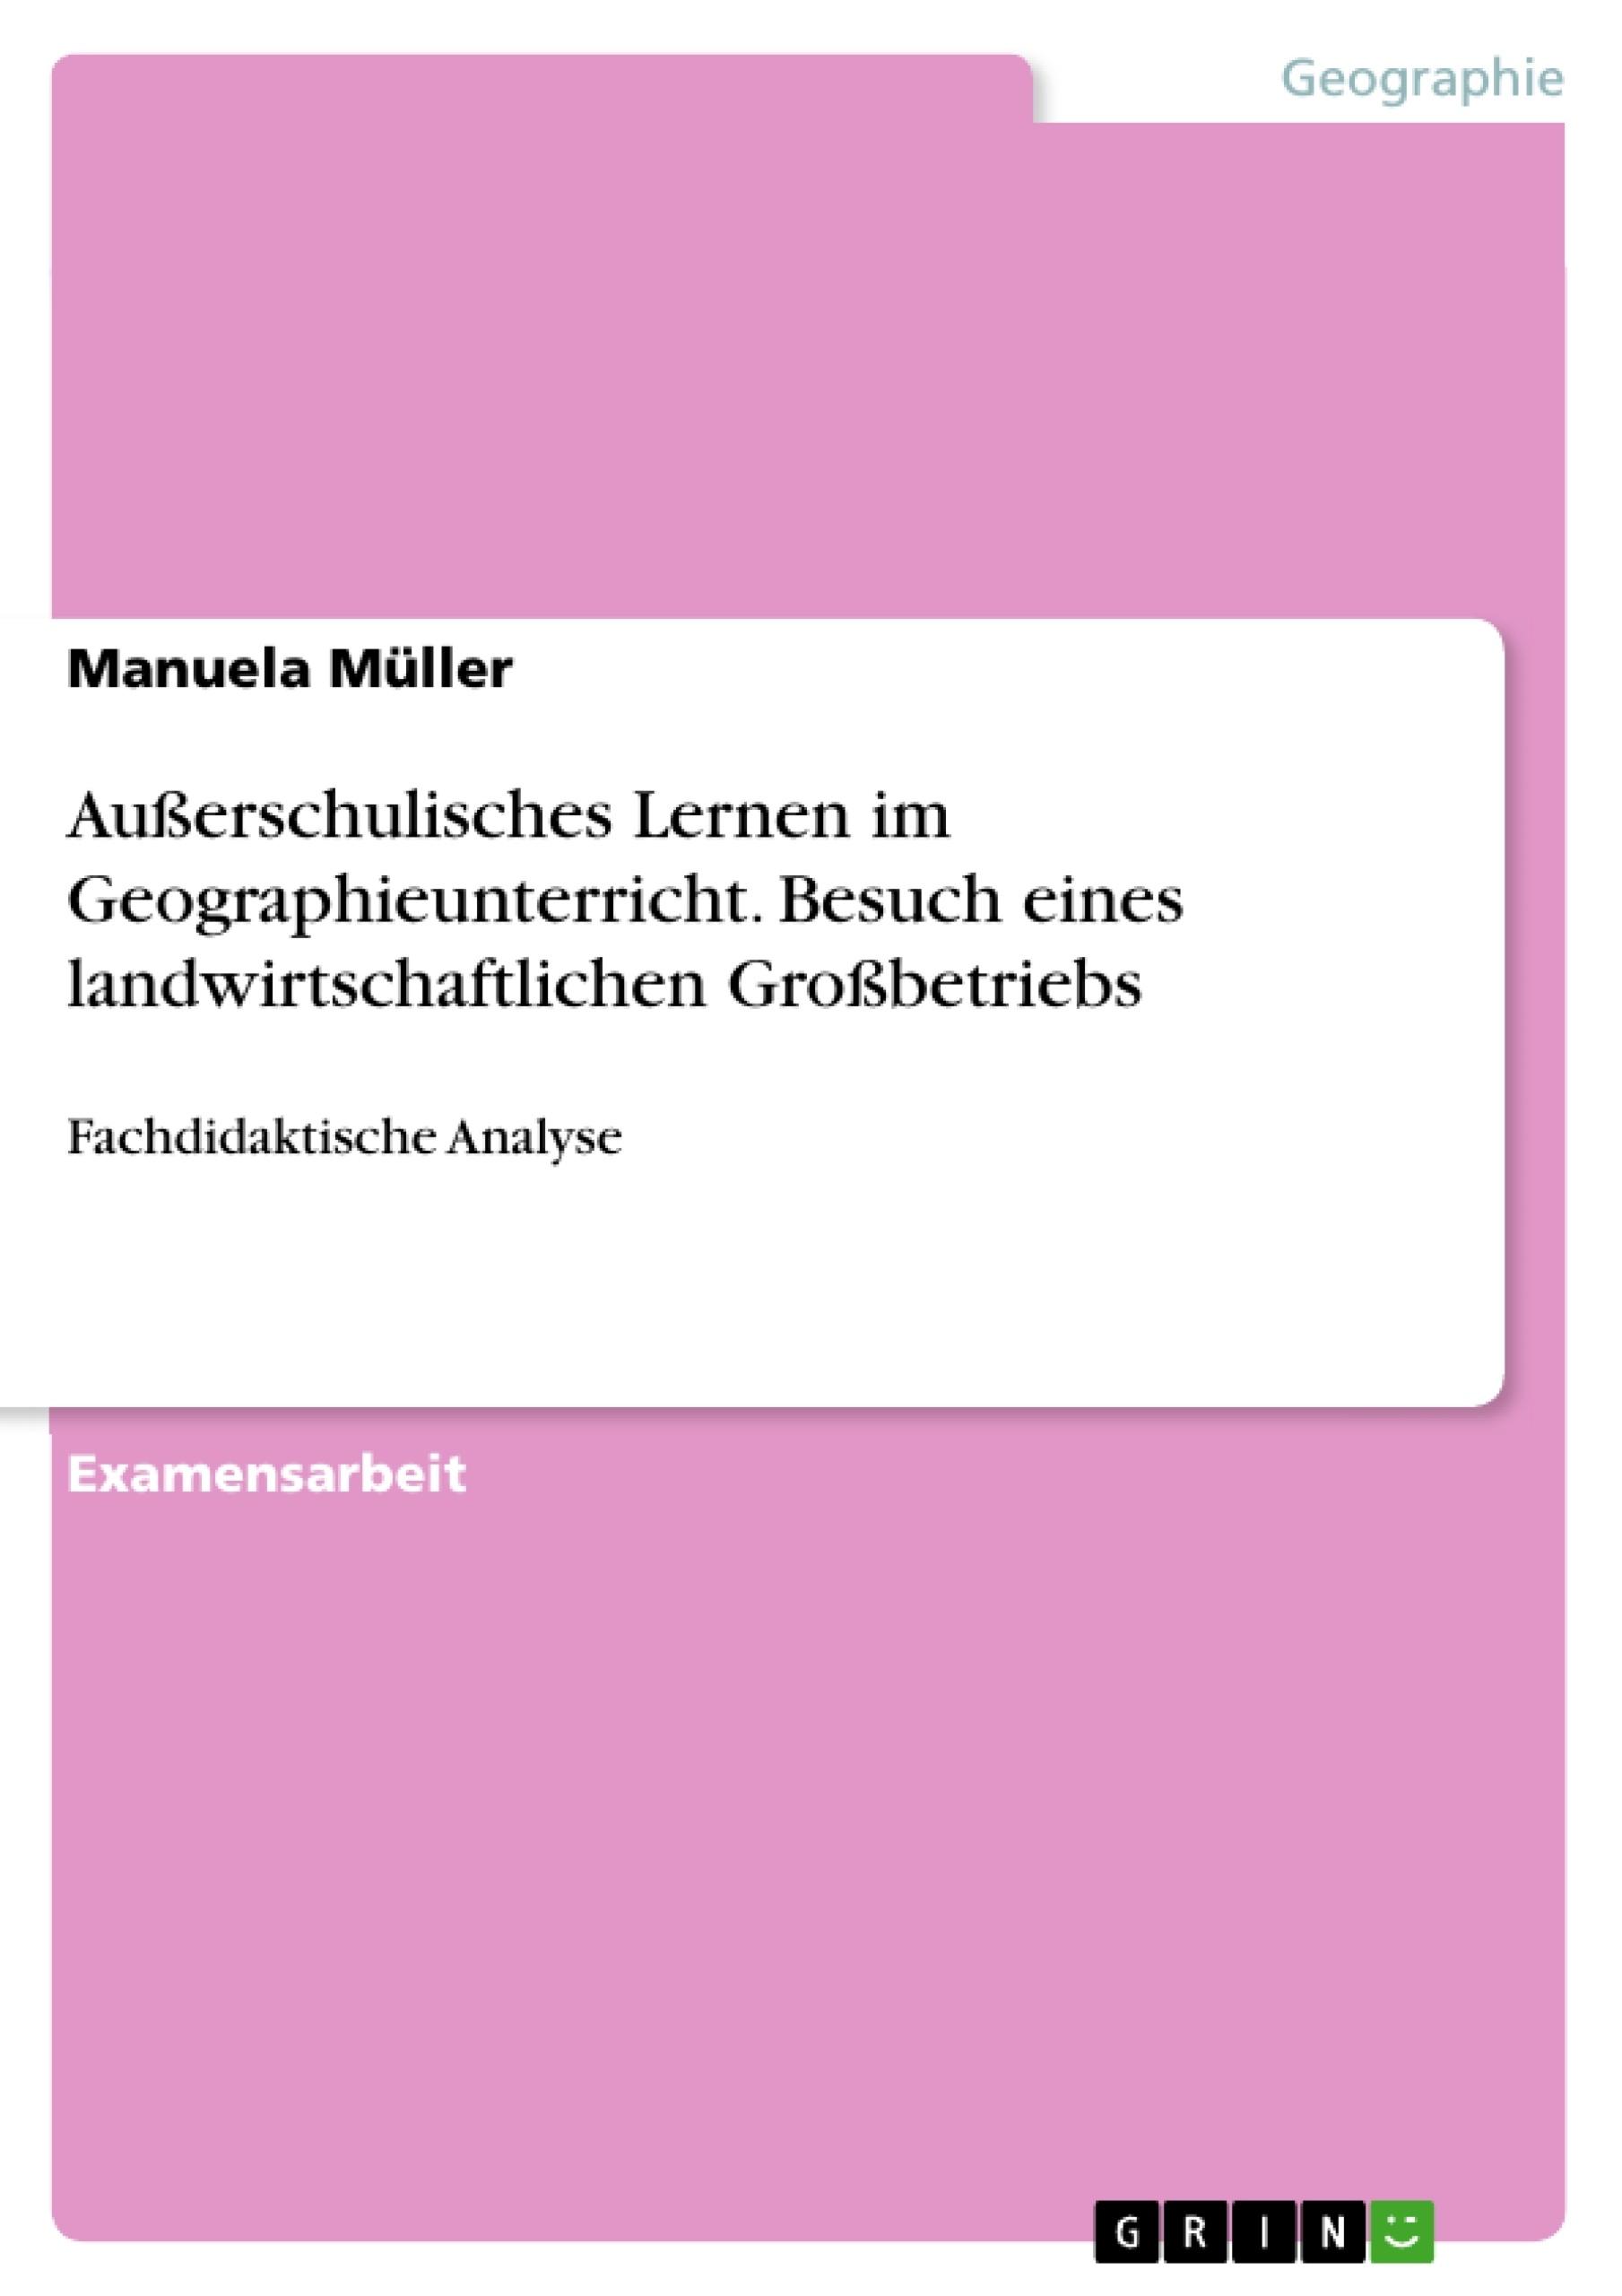 Titel: Außerschulisches Lernen im Geographieunterricht. Besuch eines landwirtschaftlichen Großbetriebs